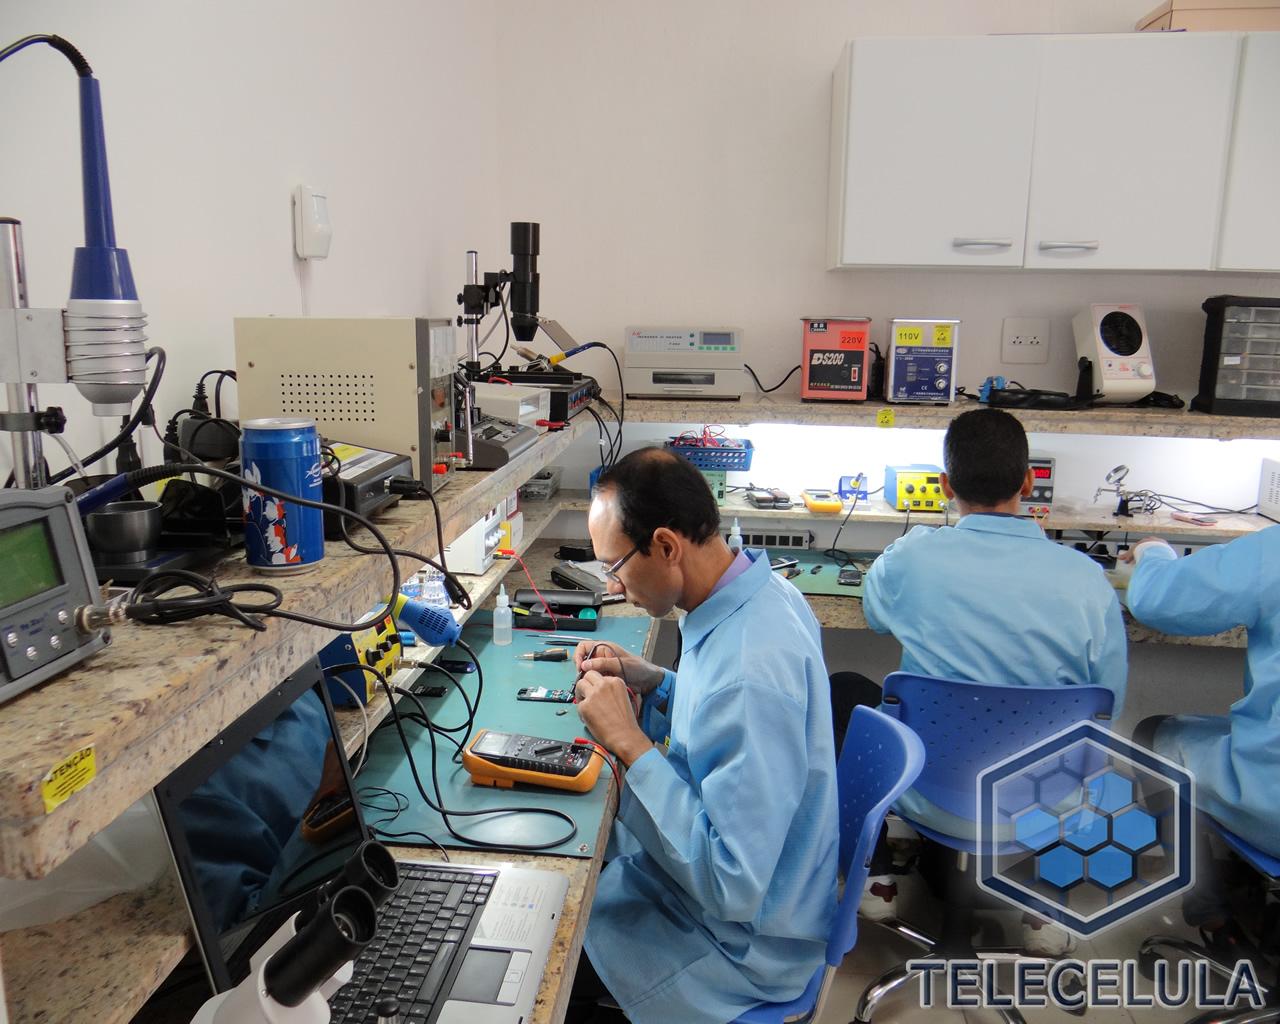 Fotos Treinamento Telecelula Eletrônica Básica e Bancada  #28436C 1280x1024